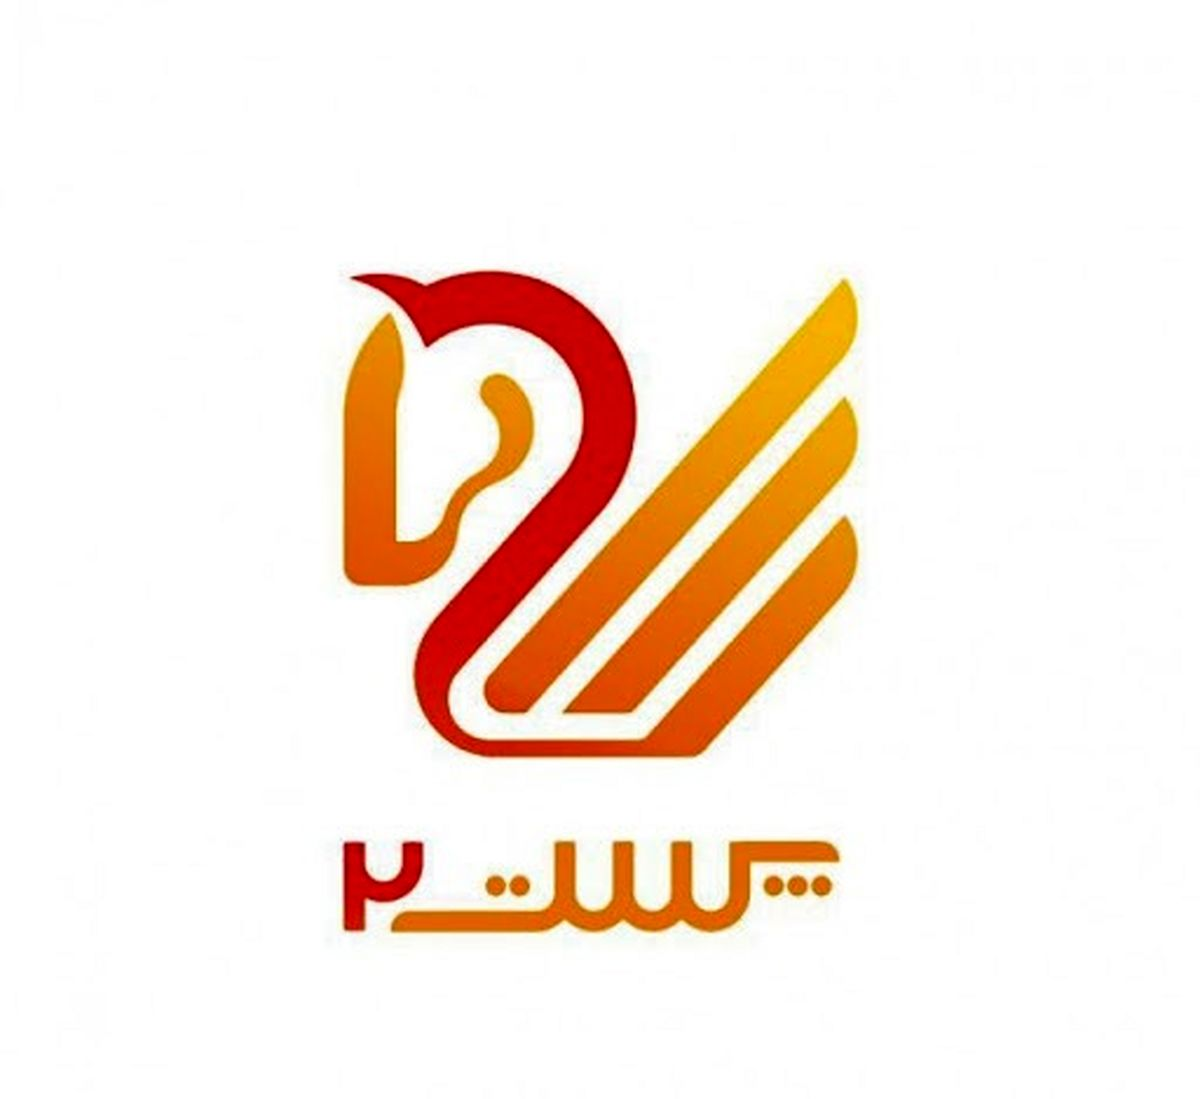 شرکت بادپا نزد سازمان بورس درج شد